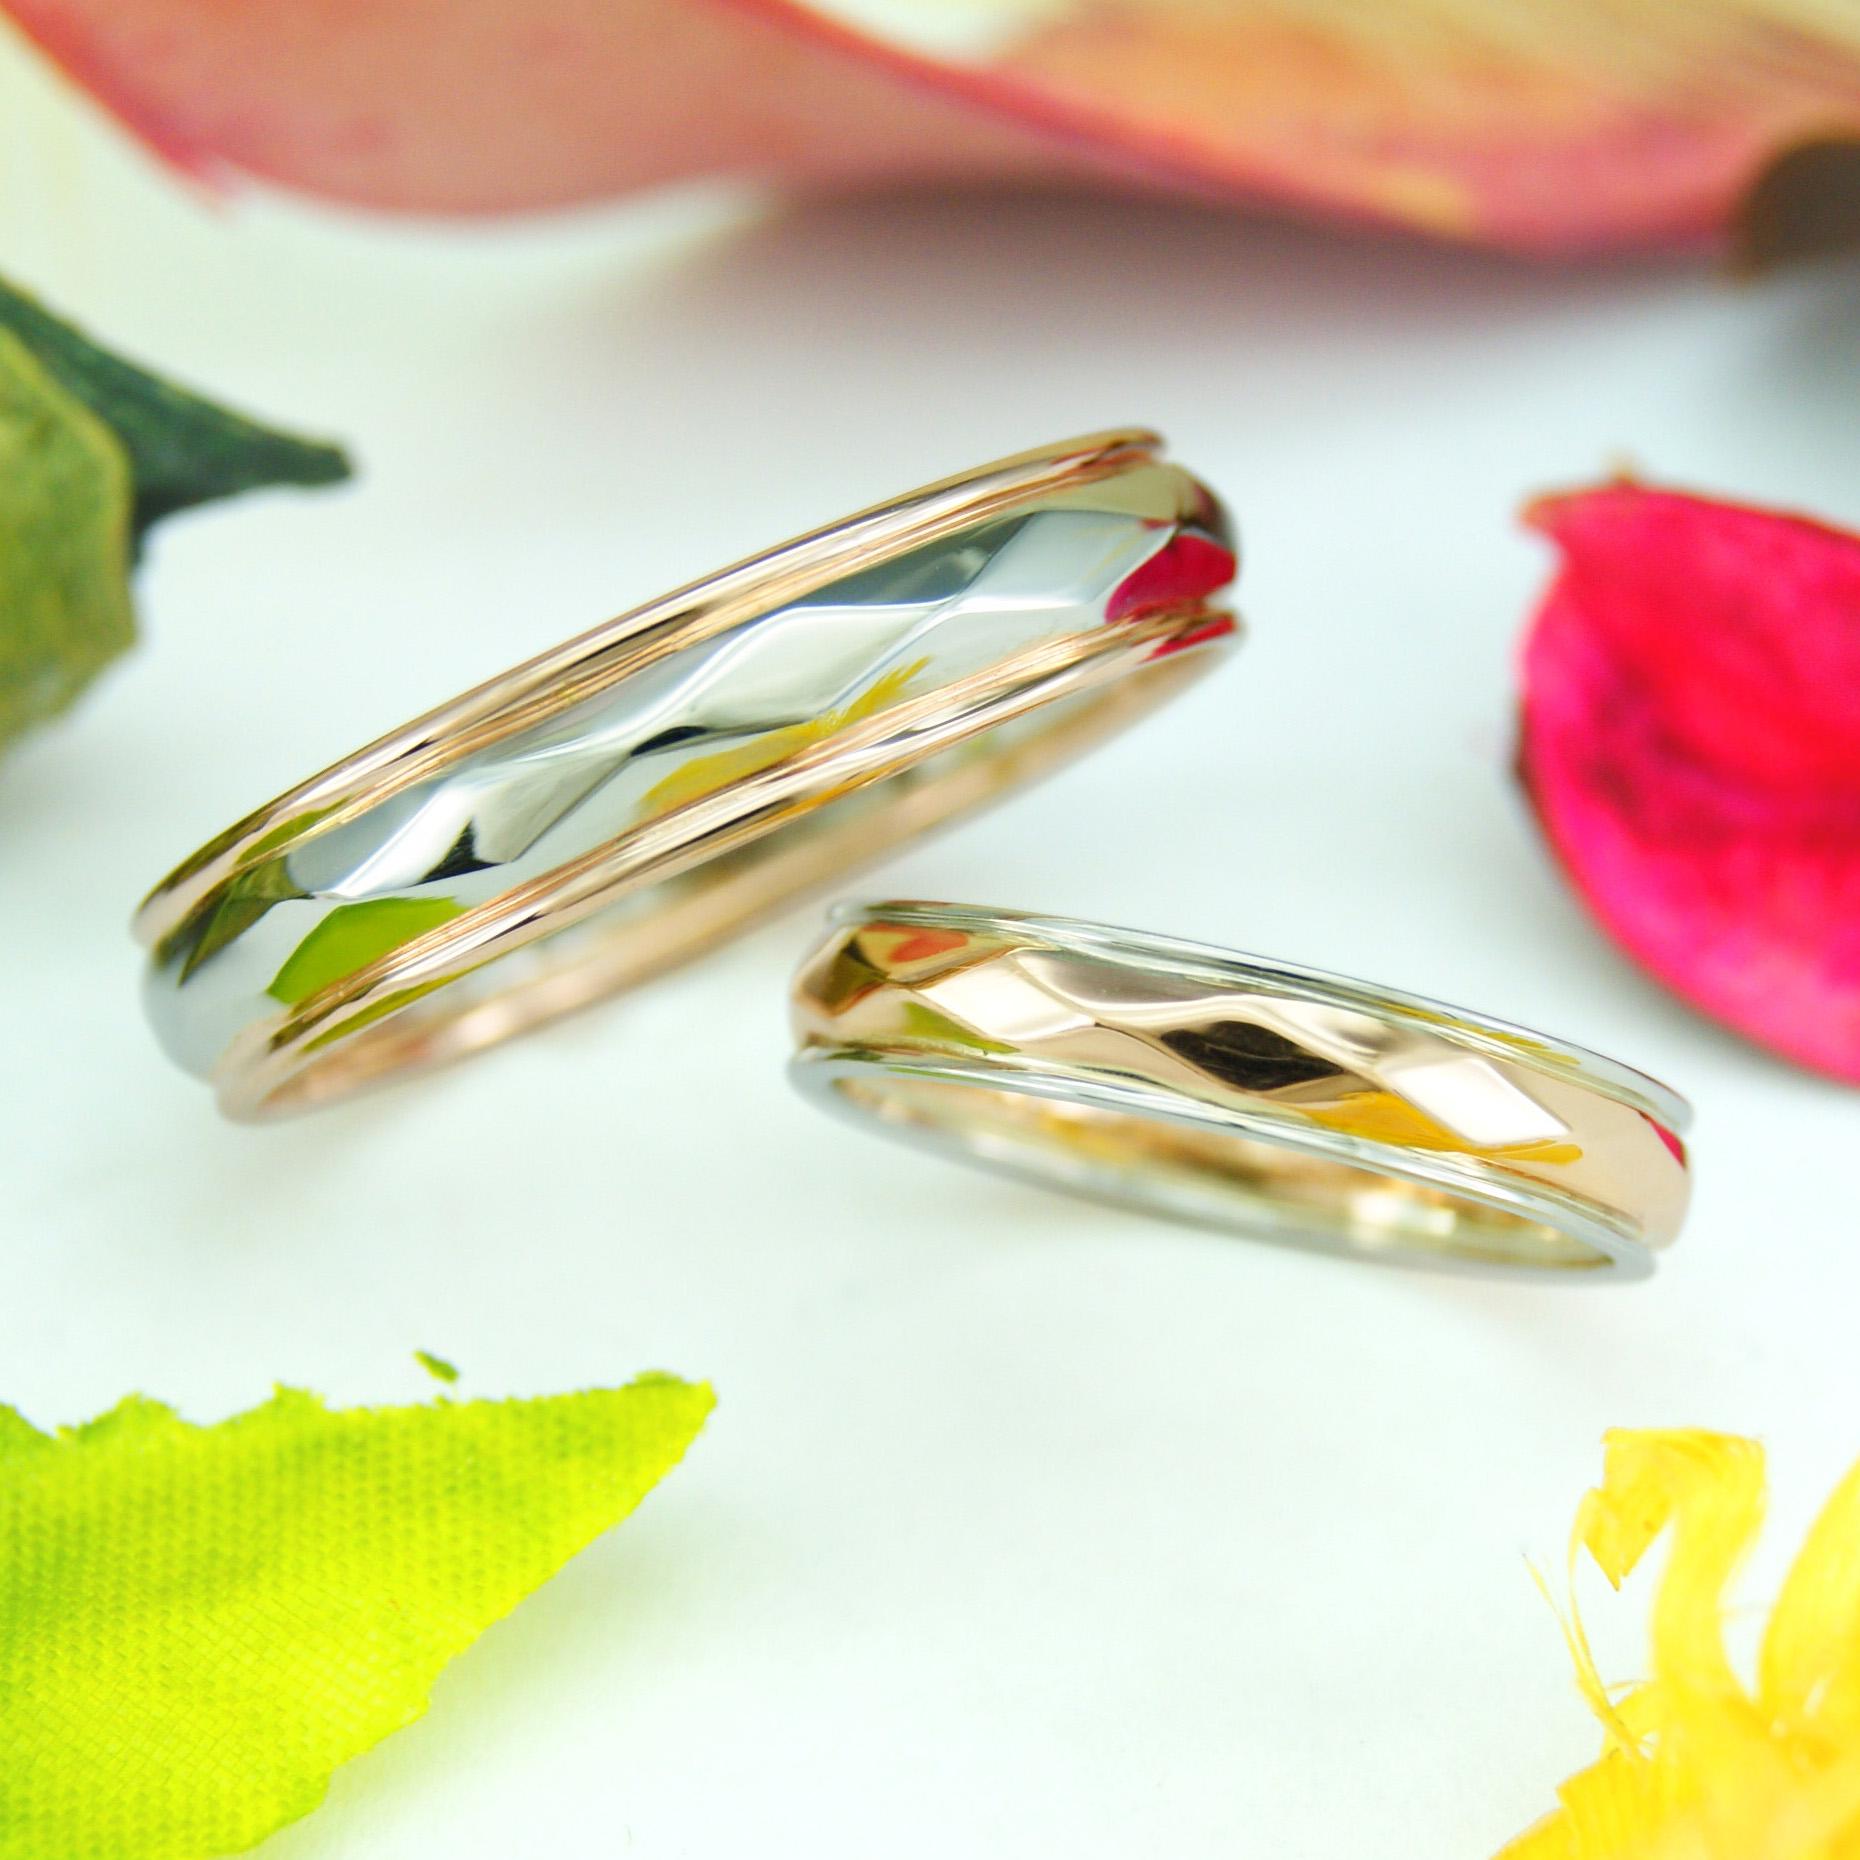 世界に一つだけの結婚指輪 kazariyaYui 福島県郡山市 手作り